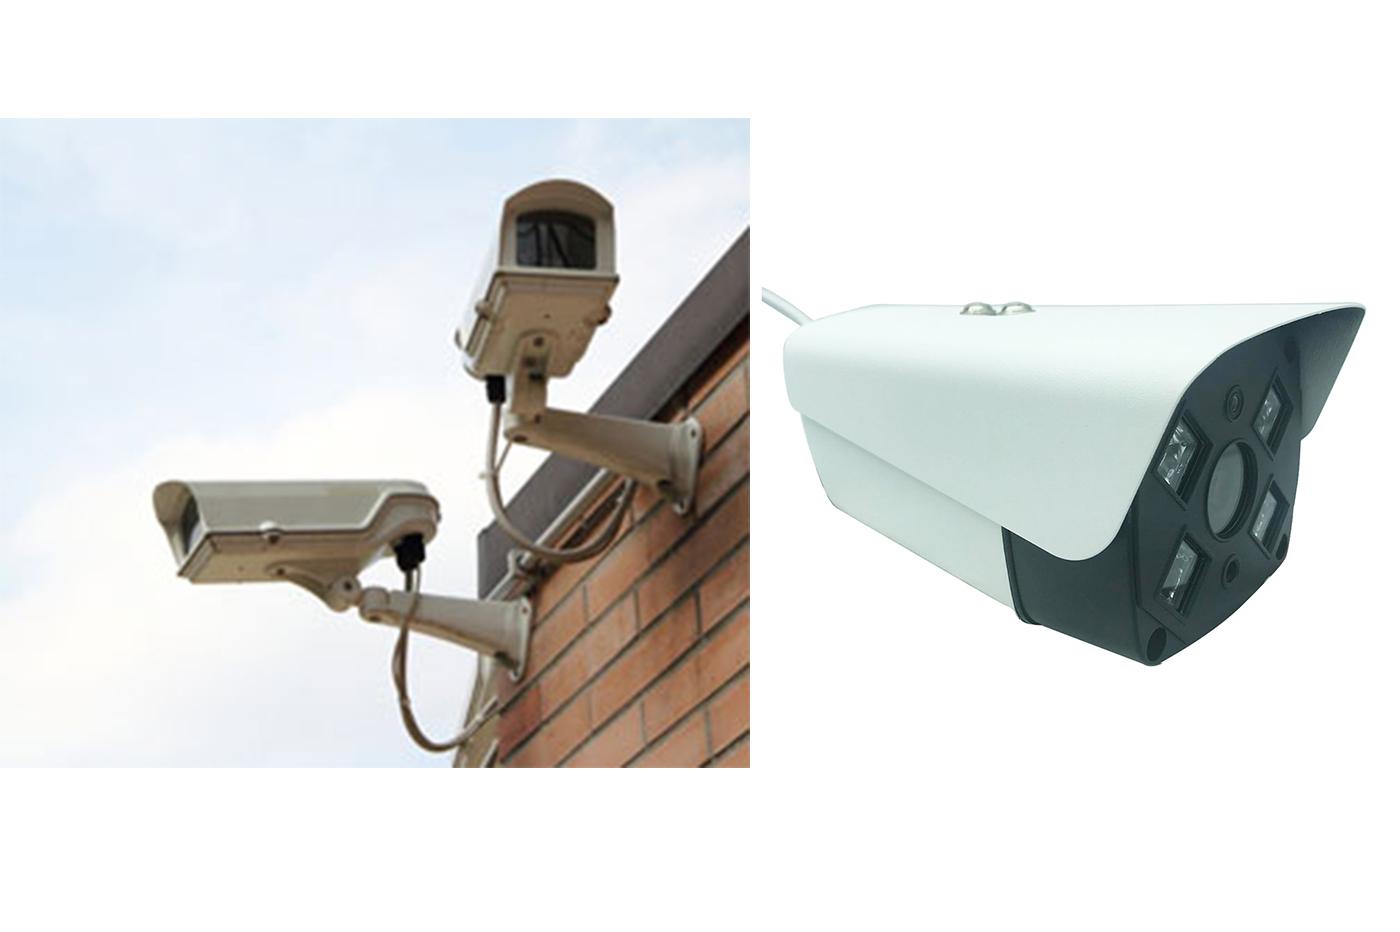 Plafoniera Da Esterno Con Telecamera : Plafoniera da esterno con telecamera come piazzare una